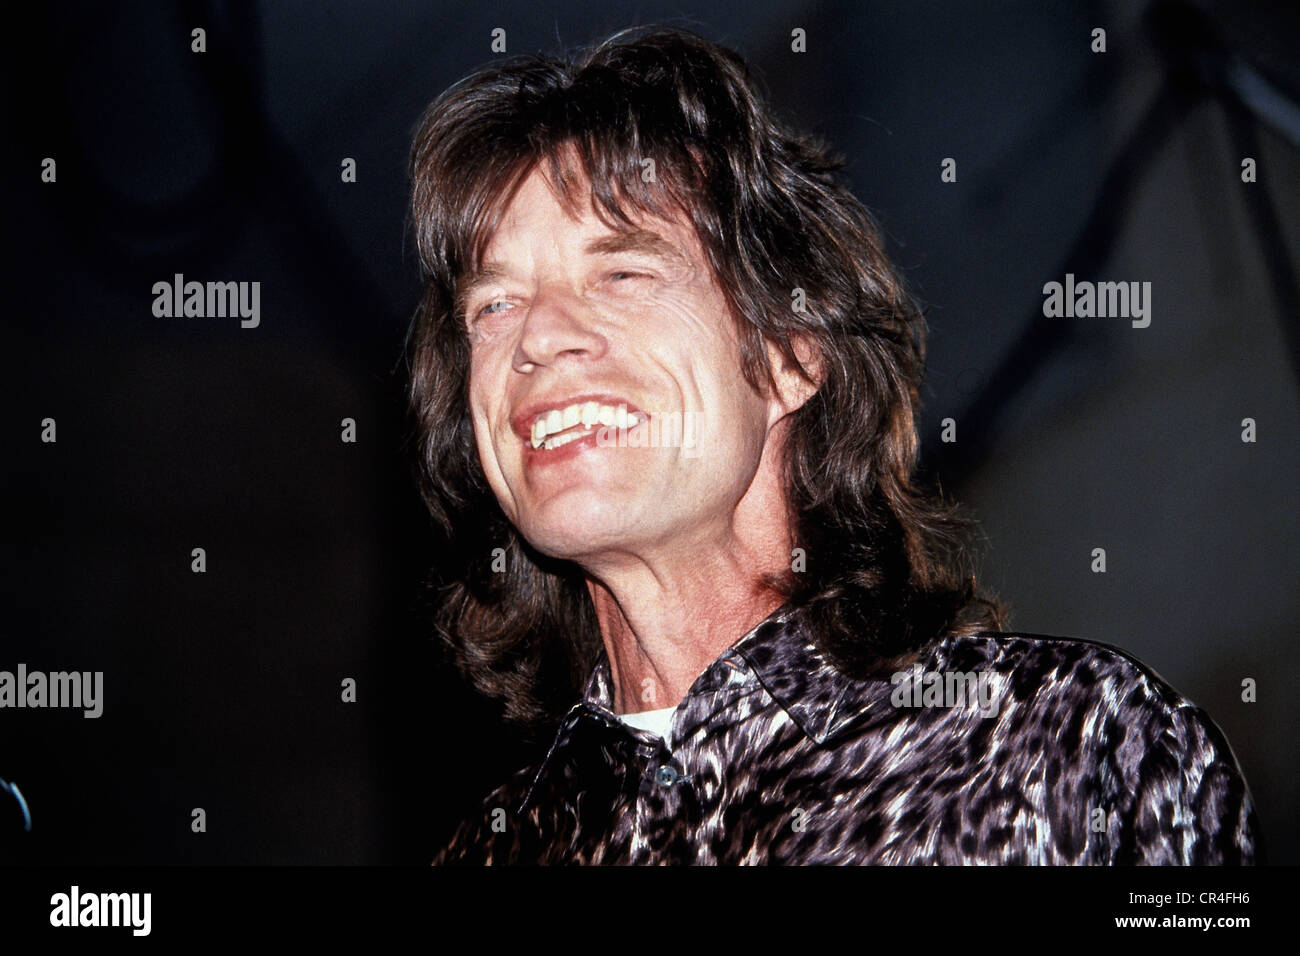 Jagger, Mick, * 26.7.1943, músico británico, retrato, recibiendo el récord de oro para 'Espíritu de vagar', Hamburgo, Foto de stock